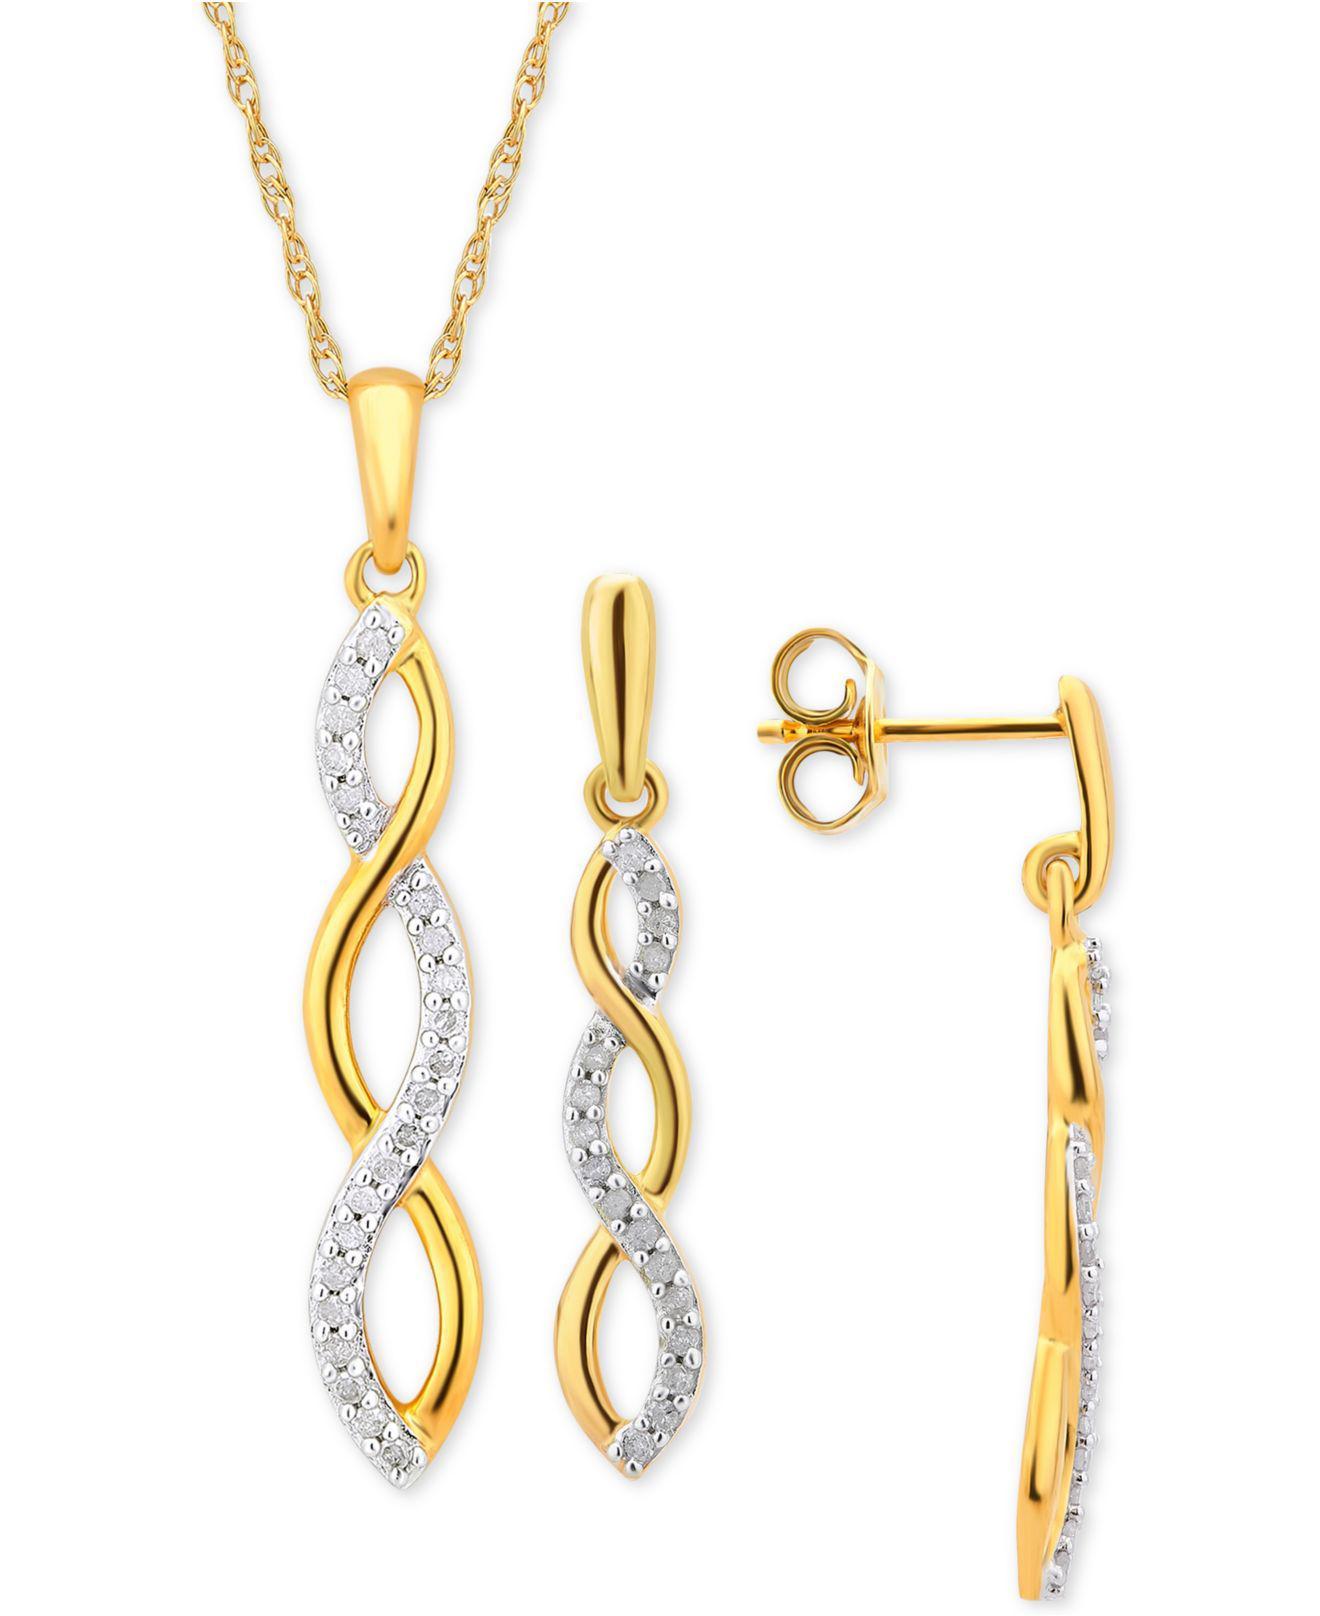 Lyst MacyS Diamond Infinity Jewelry Set 14 Ct Tw In 14k